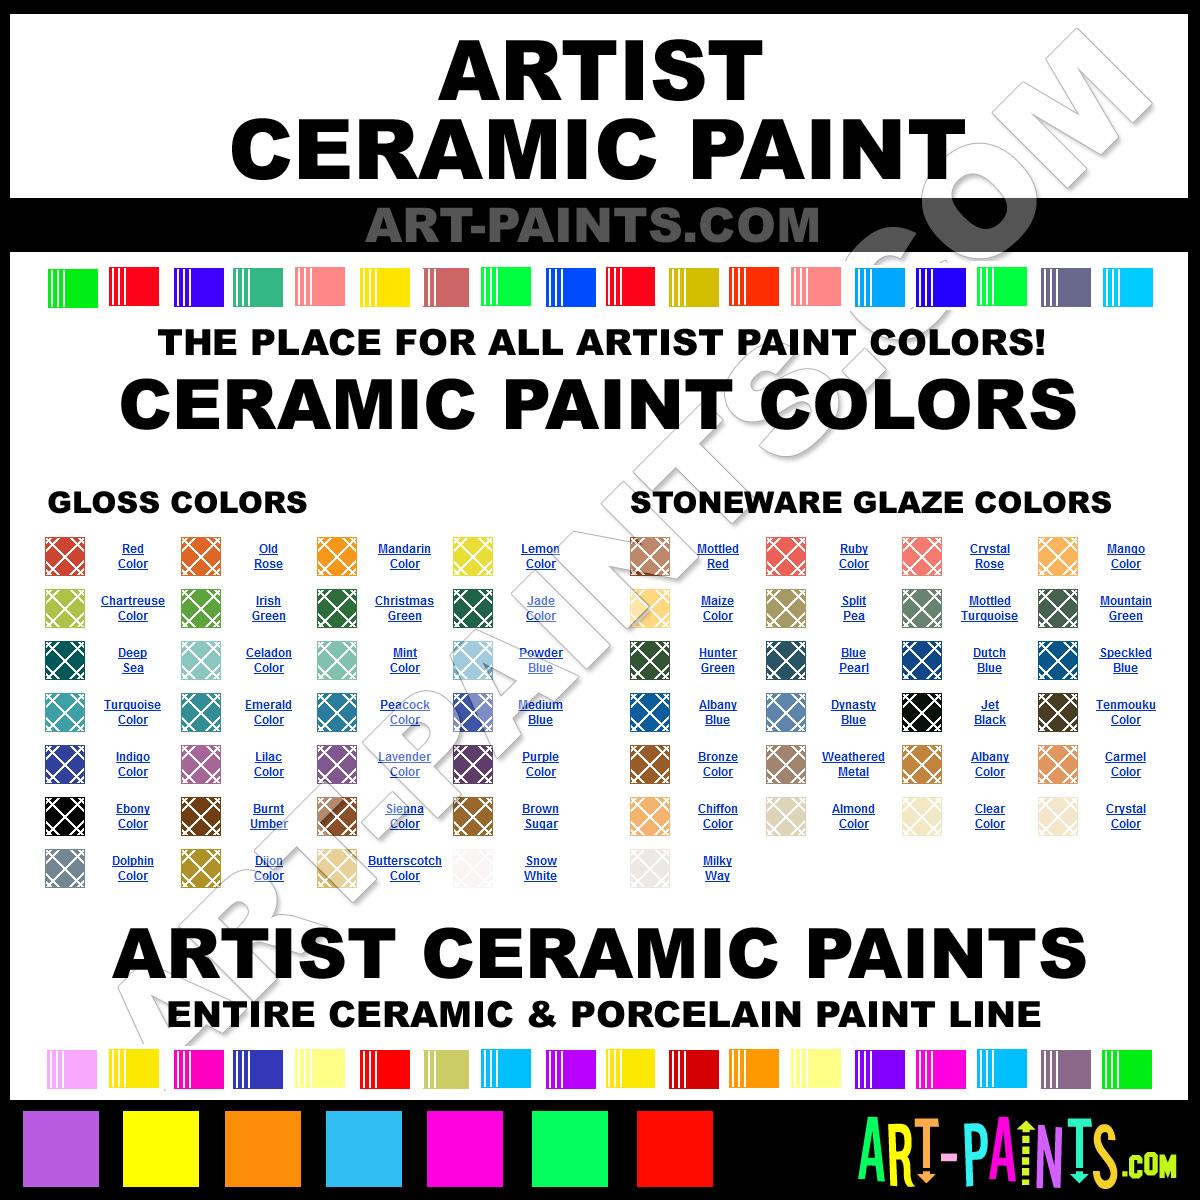 Paint Colors And Brands: Artist Paint Brands, Ceramic